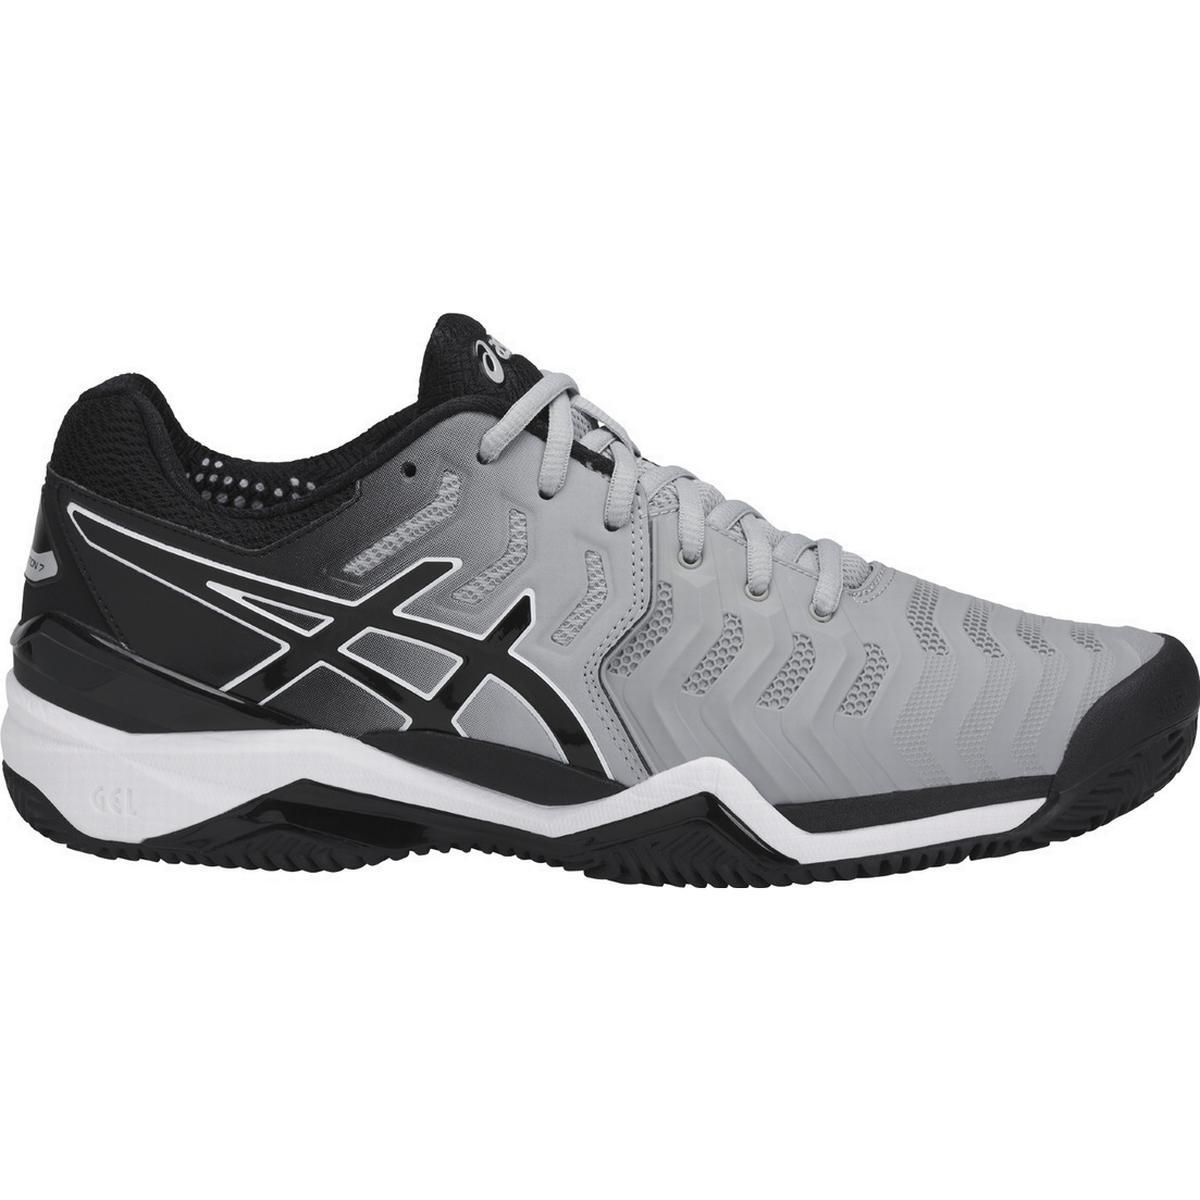 6d0338ab227 Skor för racketsport - Jämför priser på Tennisskor PriceRunner